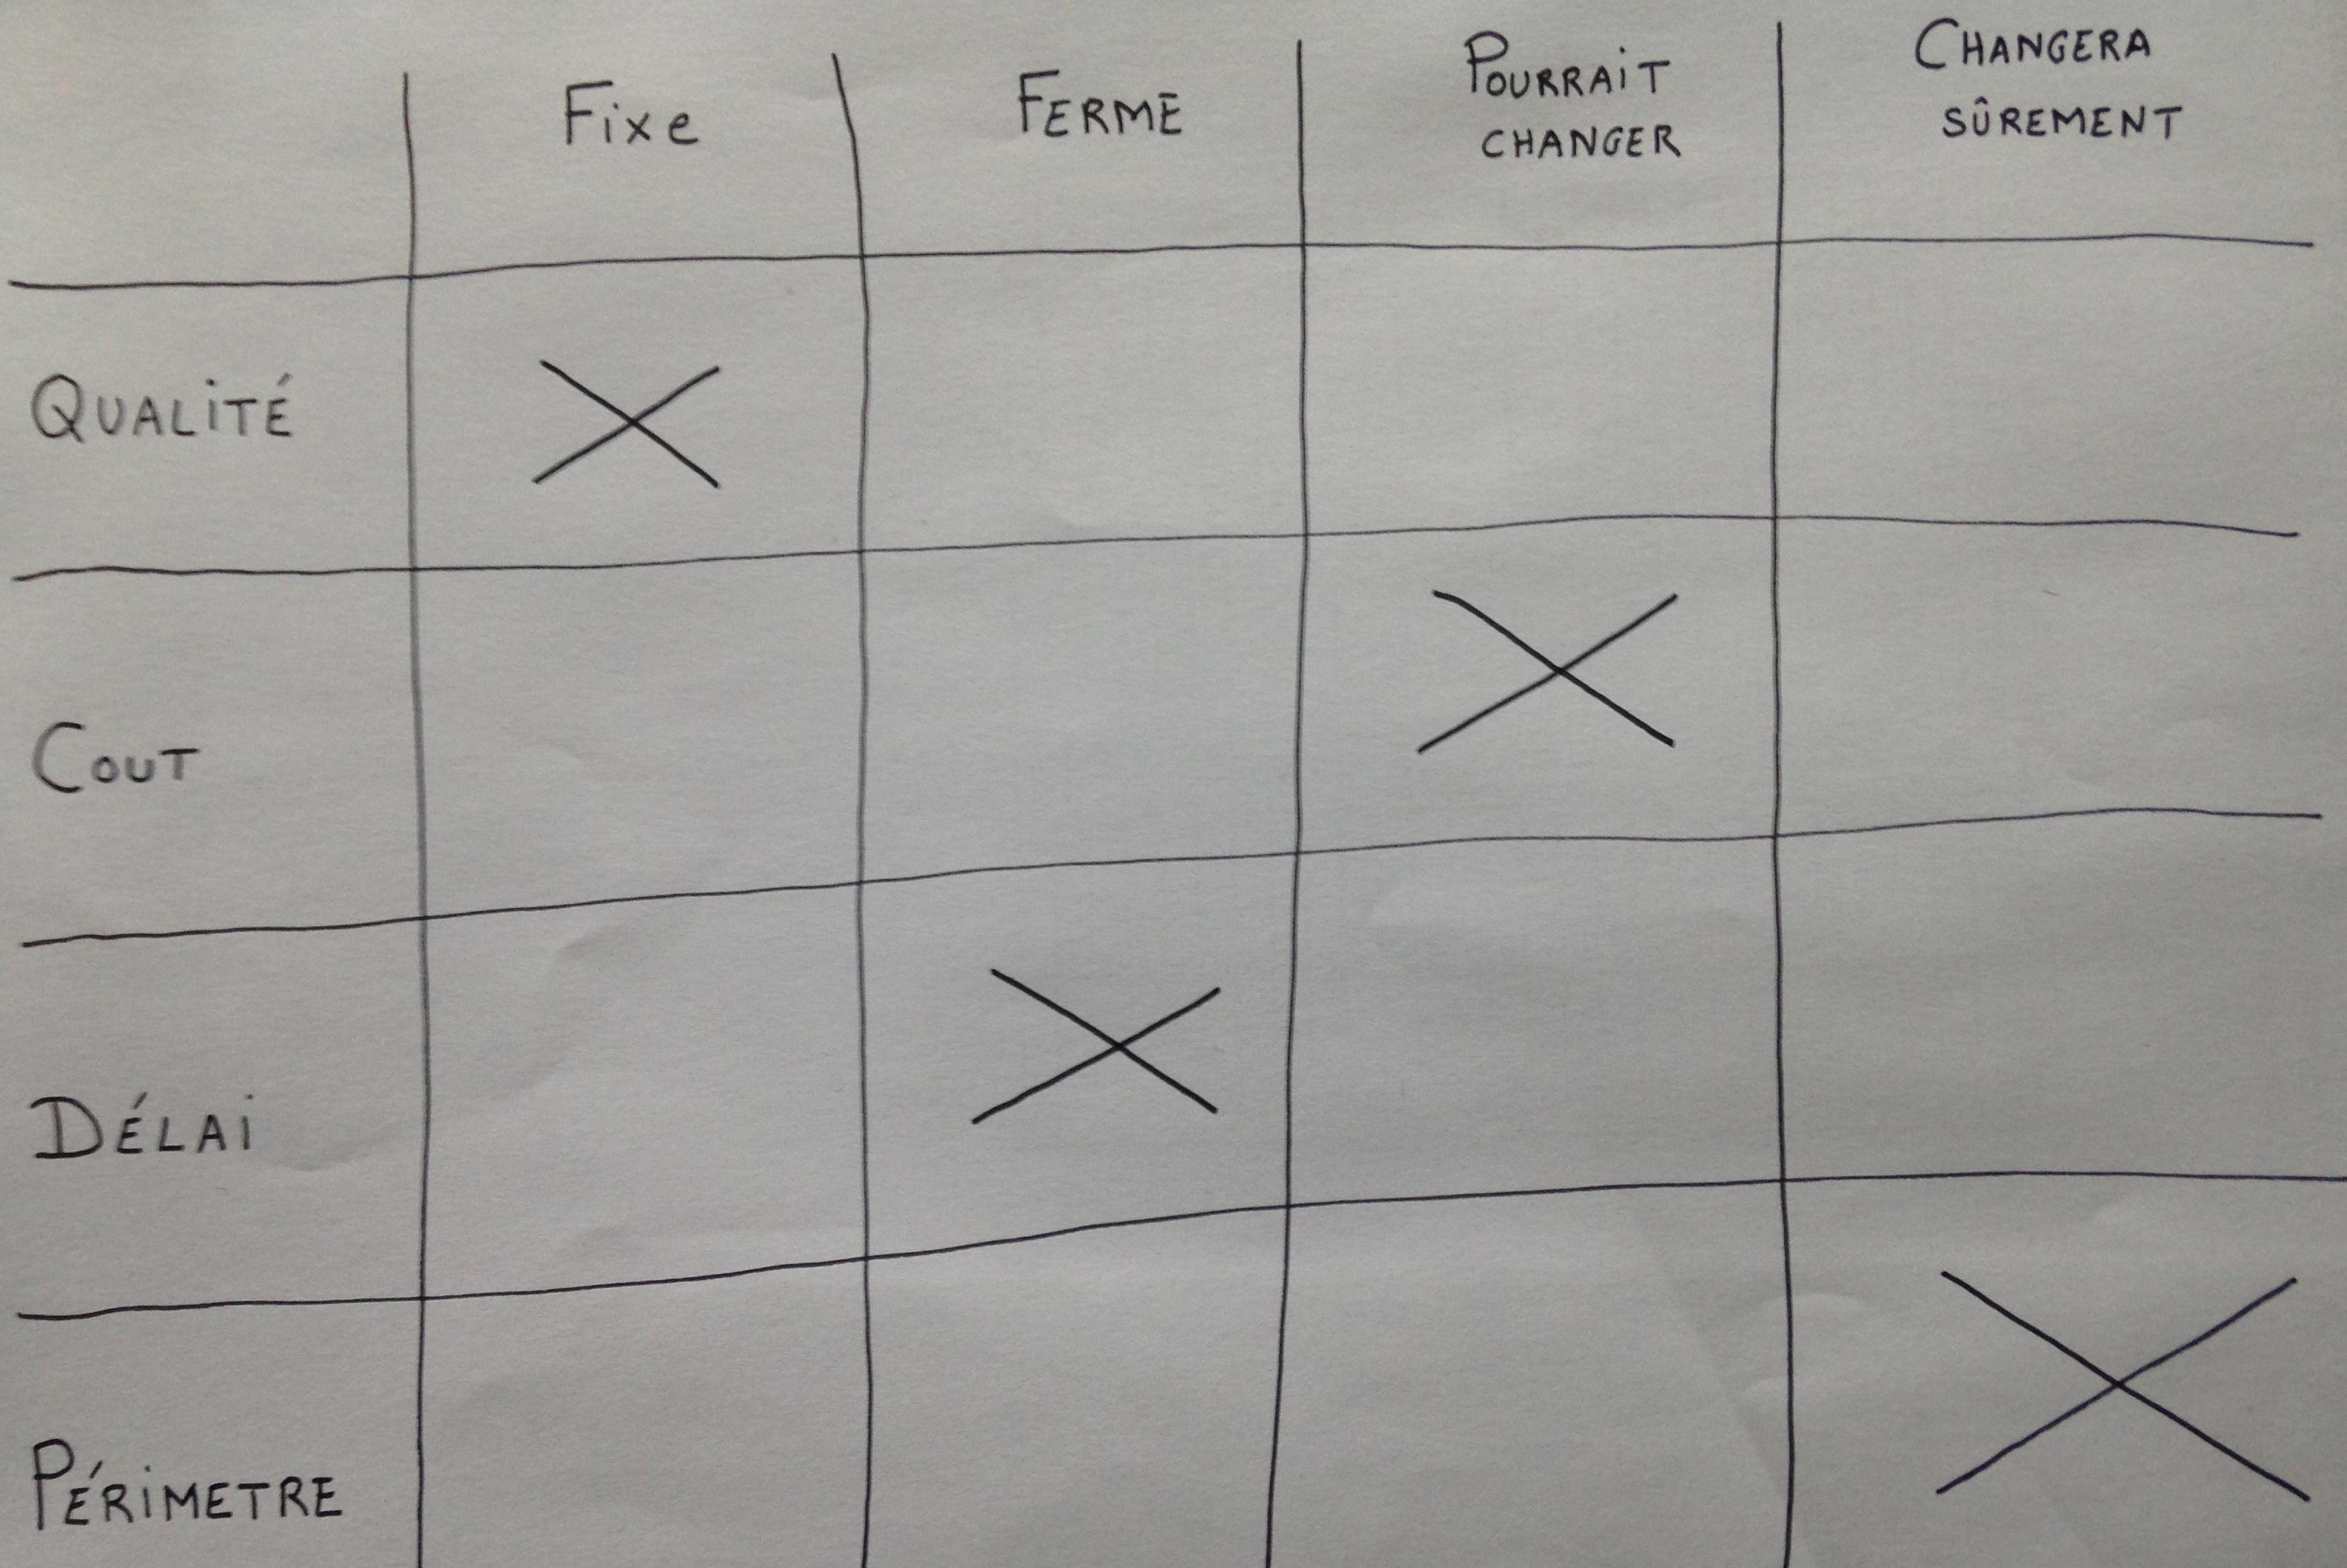 Exemple de matrice des compromis générée lors d'une réunion de lancement projet